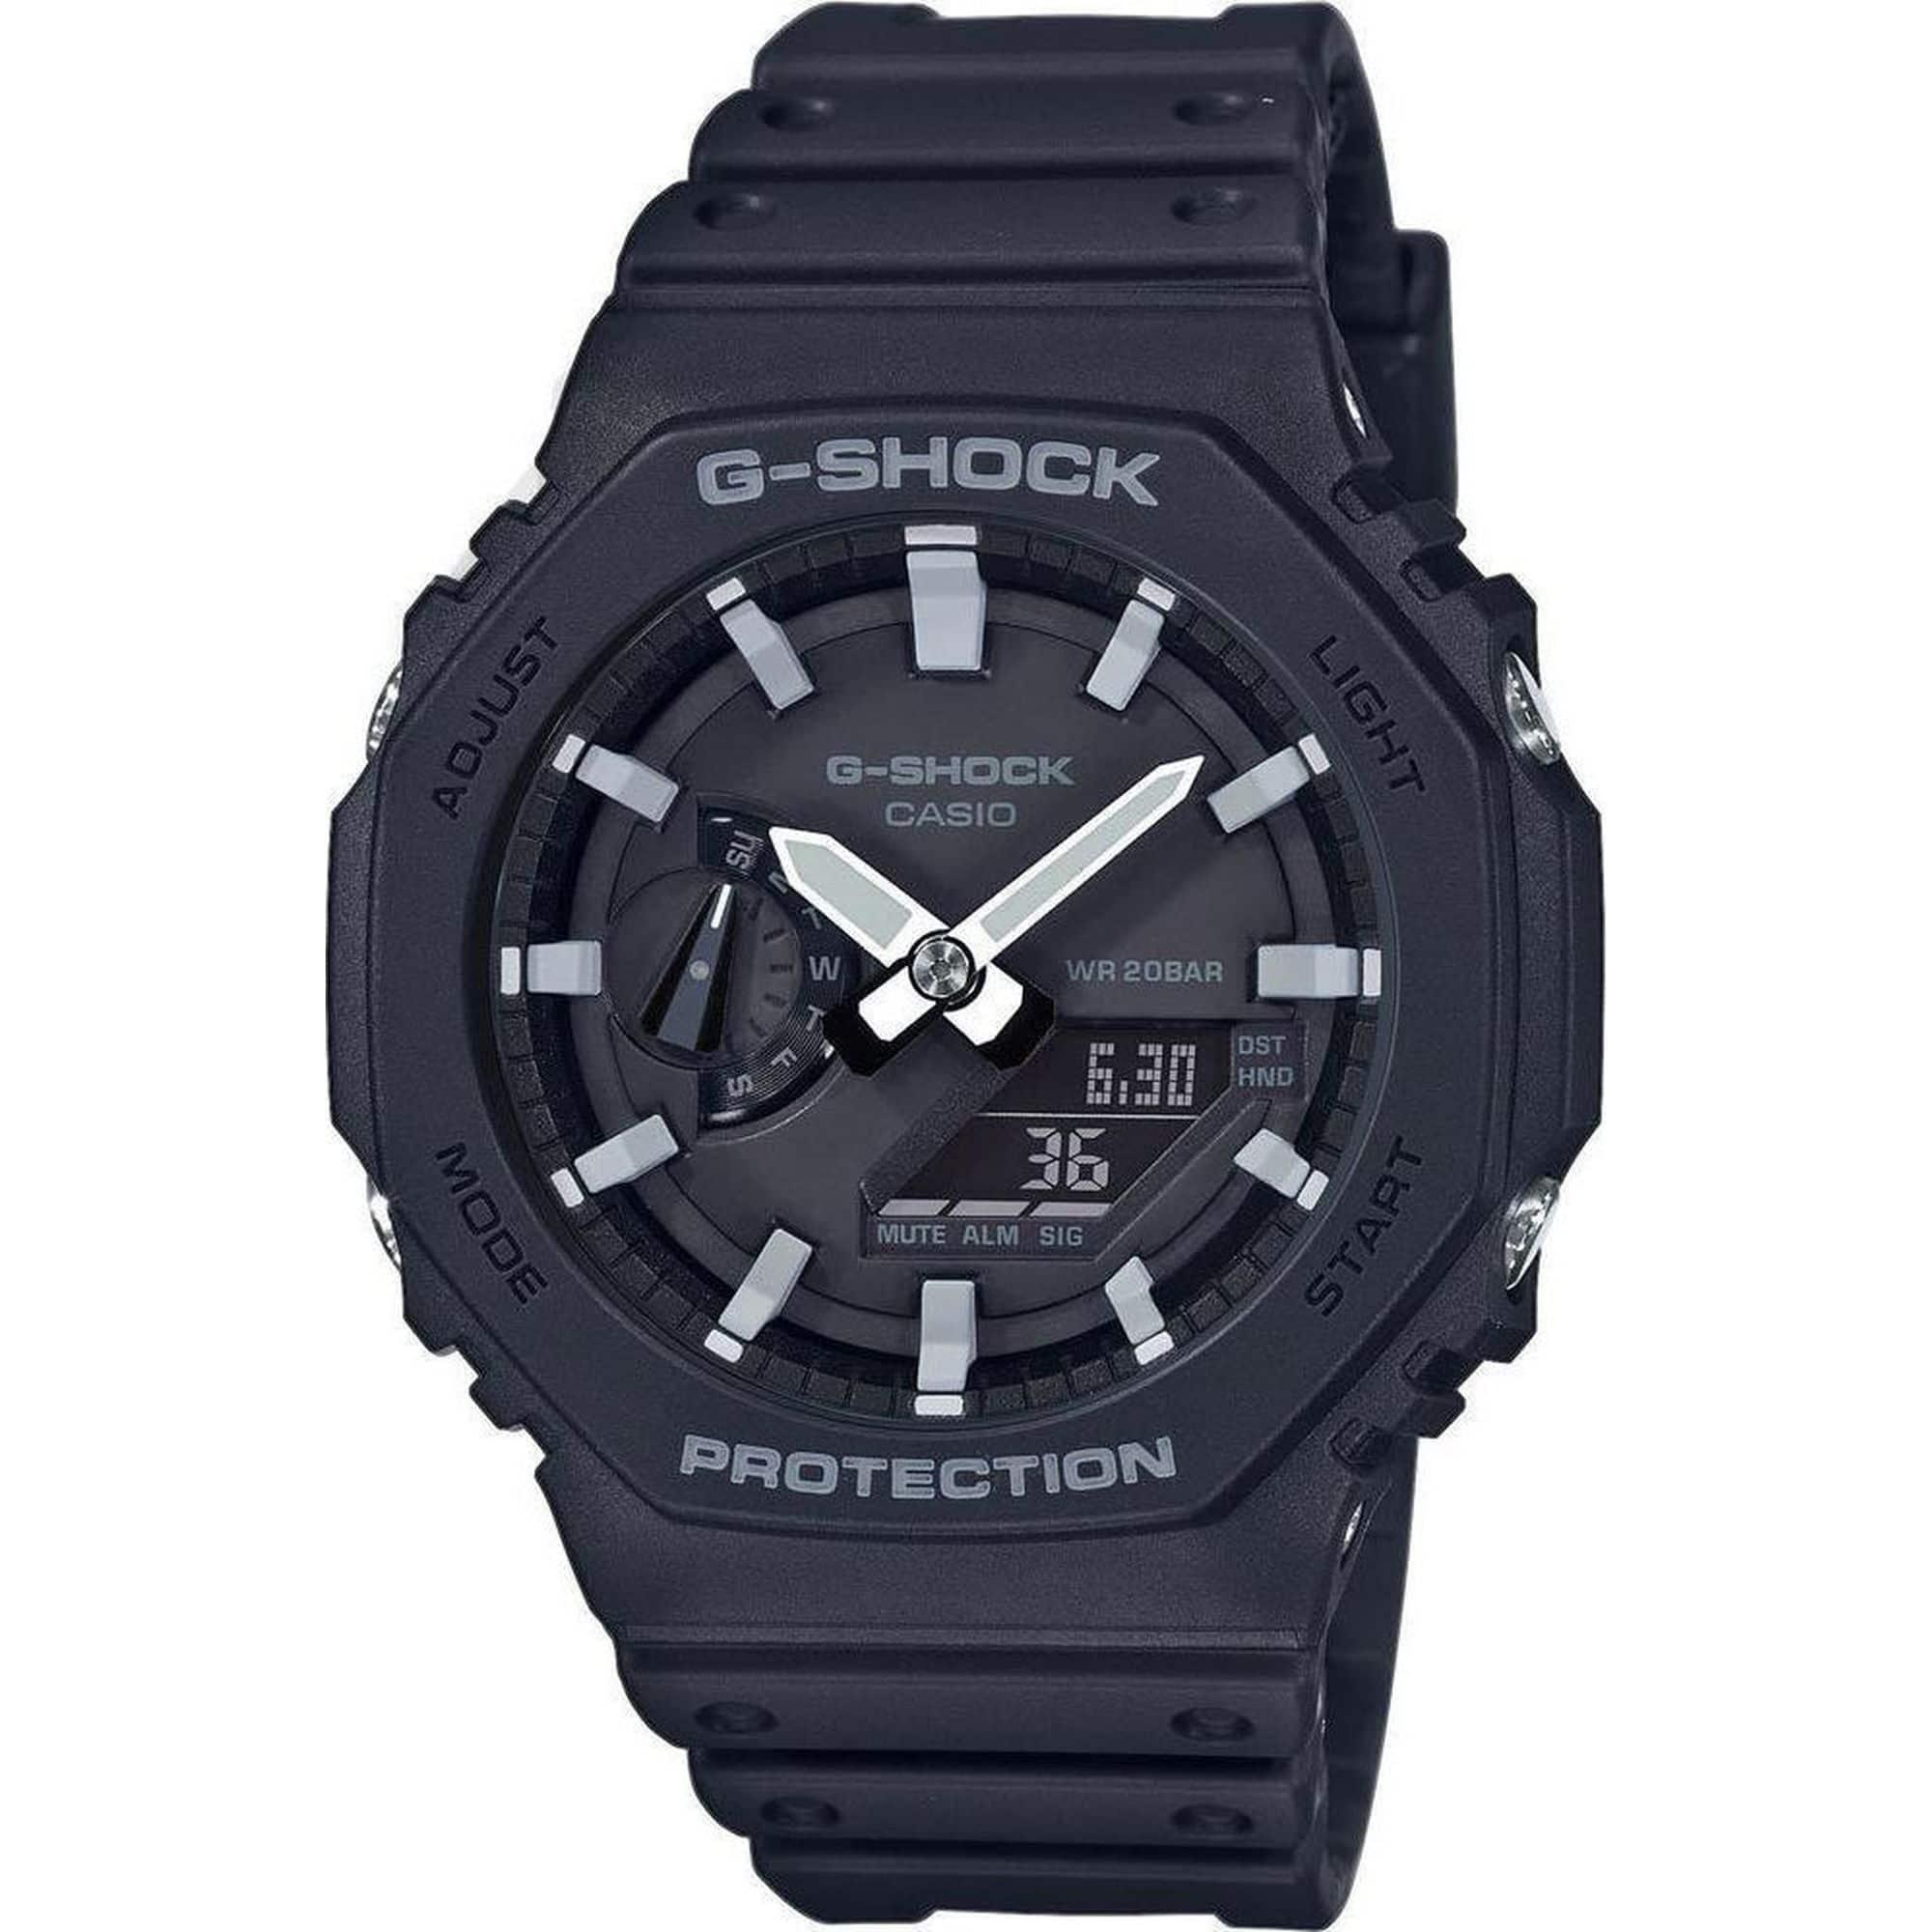 Casio G-Shock σε Μαύρο χρώμα GA-2100-1AER